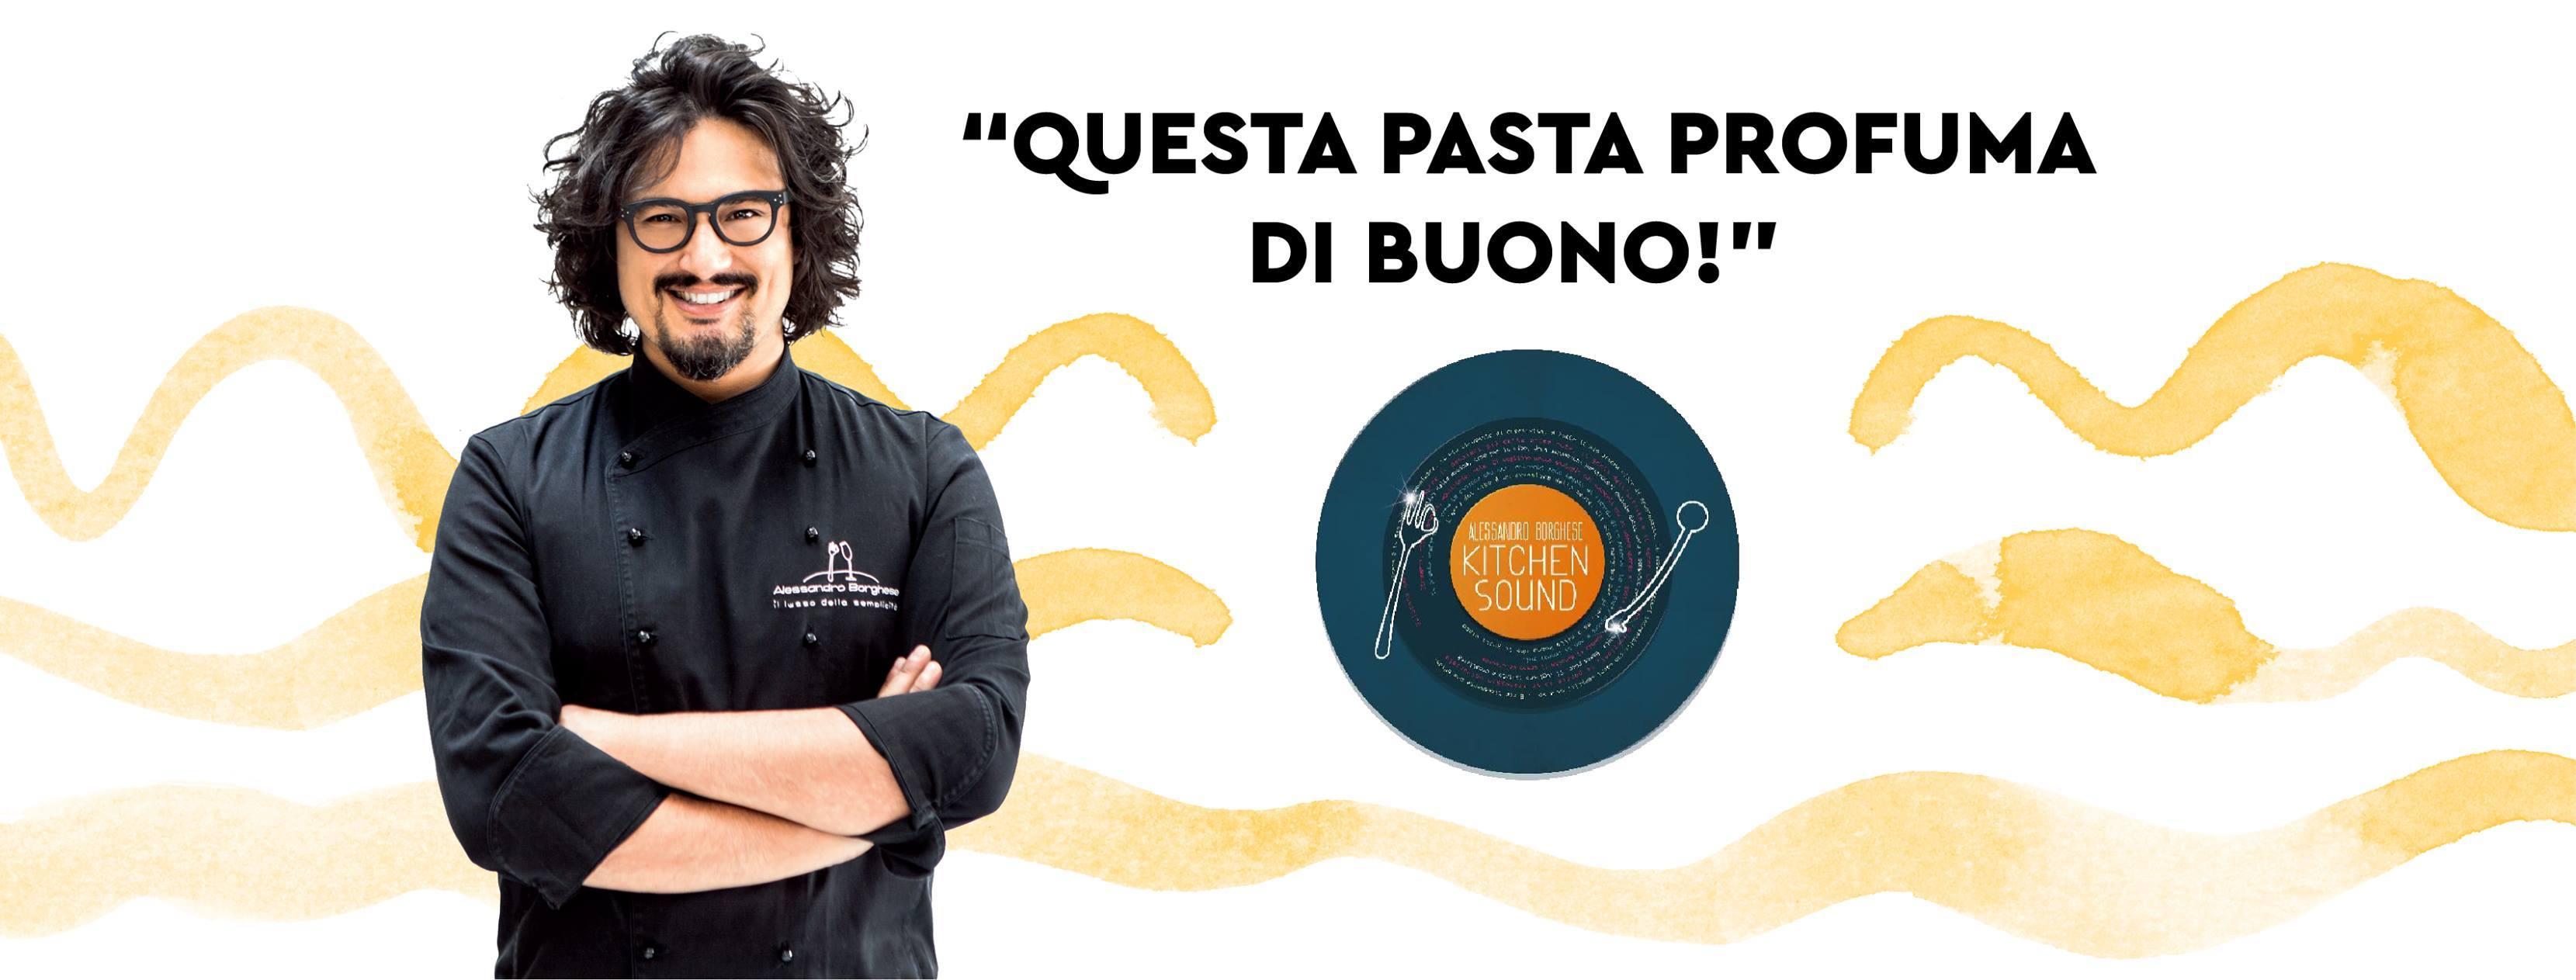 Al via la partnership tra Pasta Armando e chef Alessandro Borghese